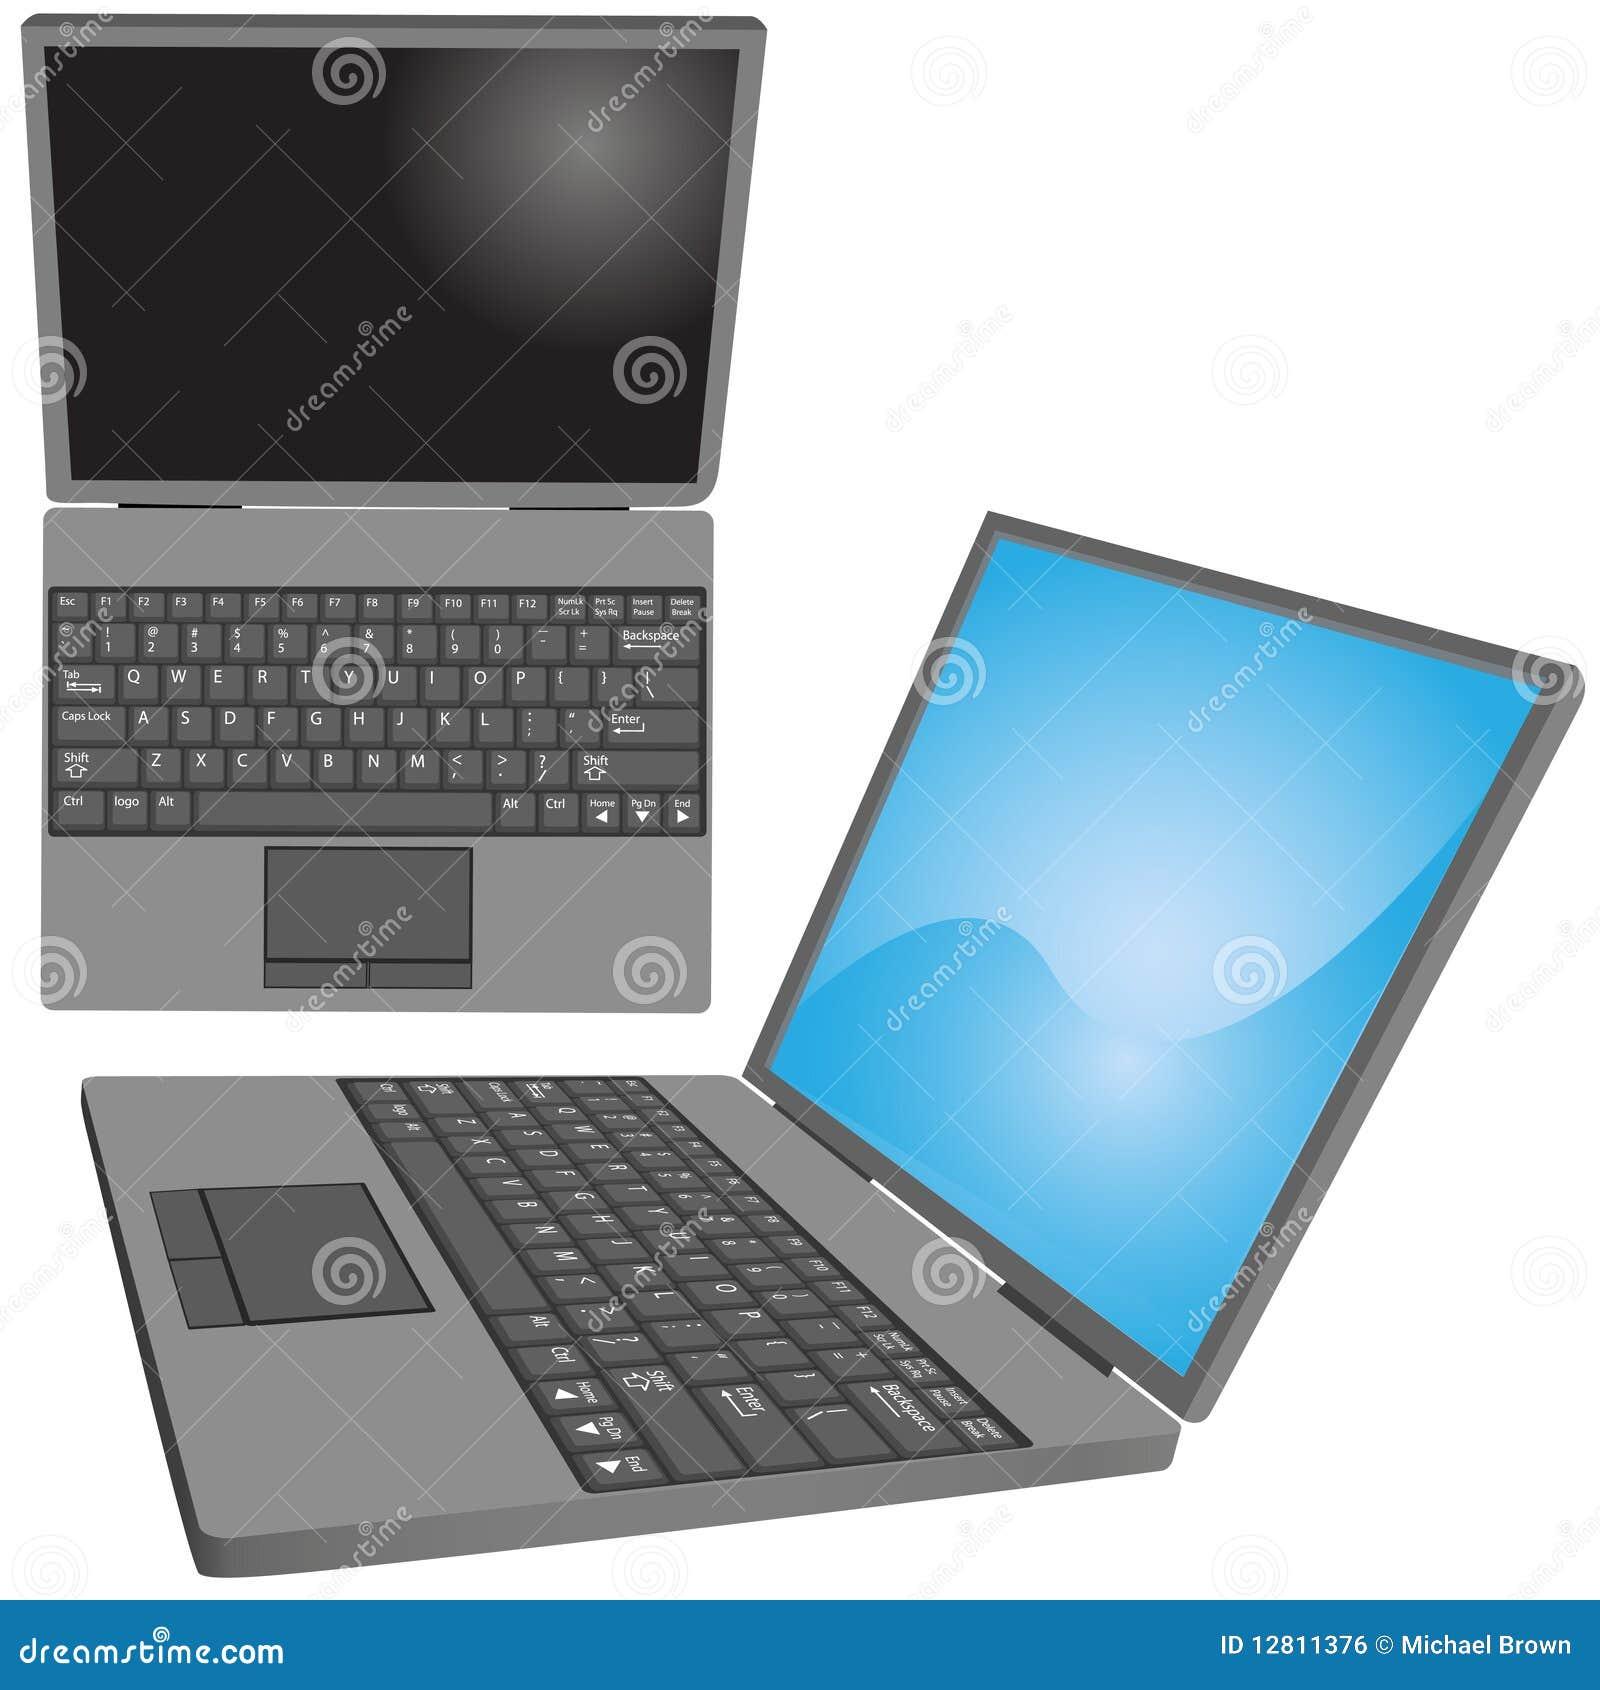 Laptop-Computer befestigt oberste Seitenansichten der Tastatur